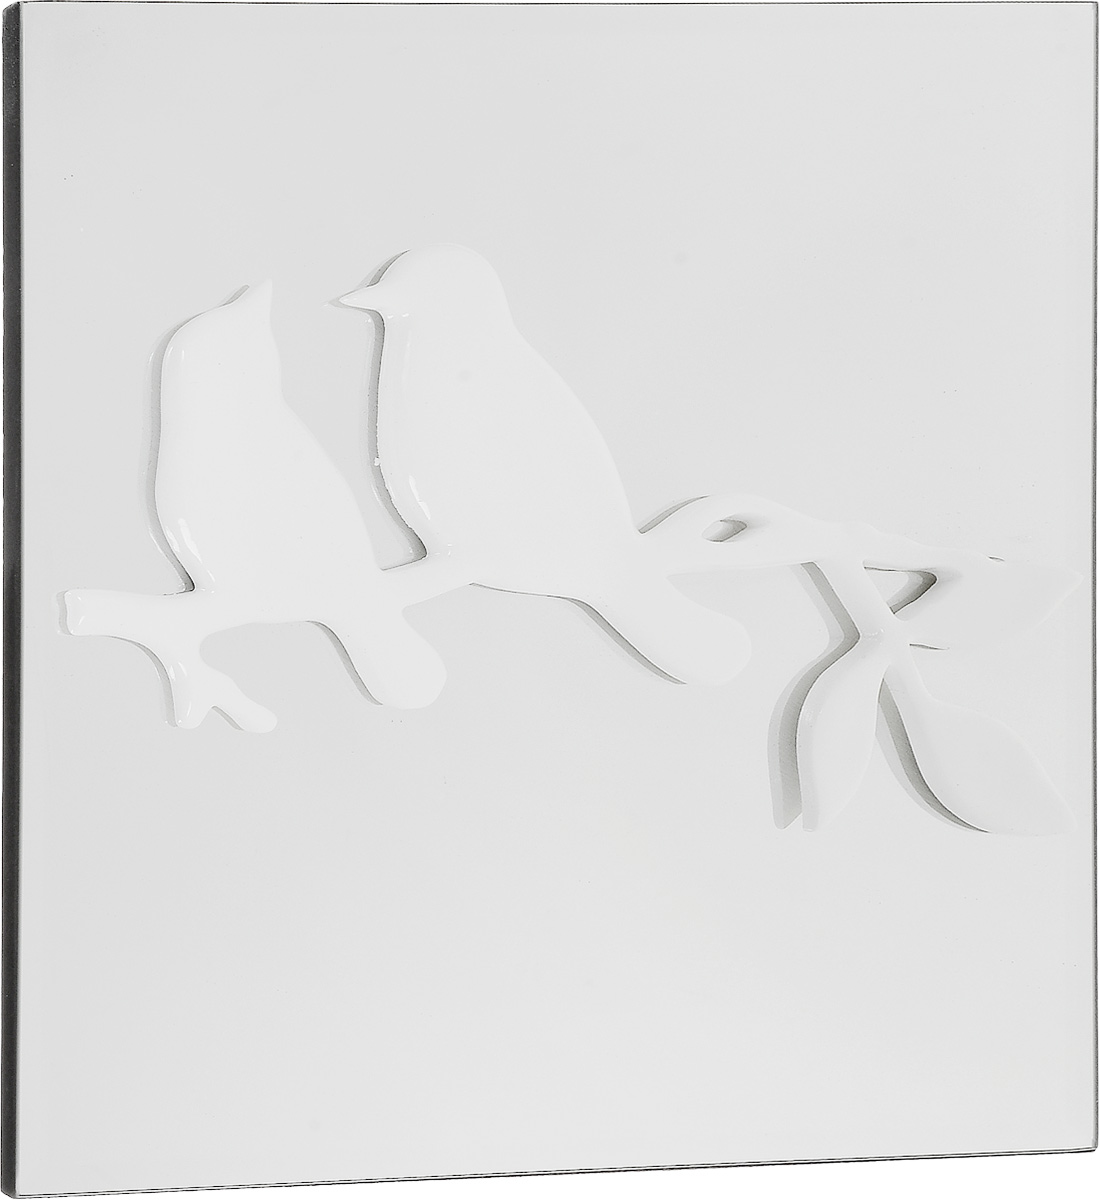 Украшение декоративное Феникс-Презент Птицы, настенное, 30 x 30 x 3 см300144Настенное украшение Феникс-Презент Птицы изготовлено из основы МДФ и зеркального стекла, декоративный элемент выполнен из полирезина в виде двух птичек, сидящих на ветке. Для удобства размещения изделие оснащено металлической петелькой для подвешивания. Такое украшение не только подчеркнет ваш изысканный вкус, но и прекрасным подарком, который обязательно порадует получателя.